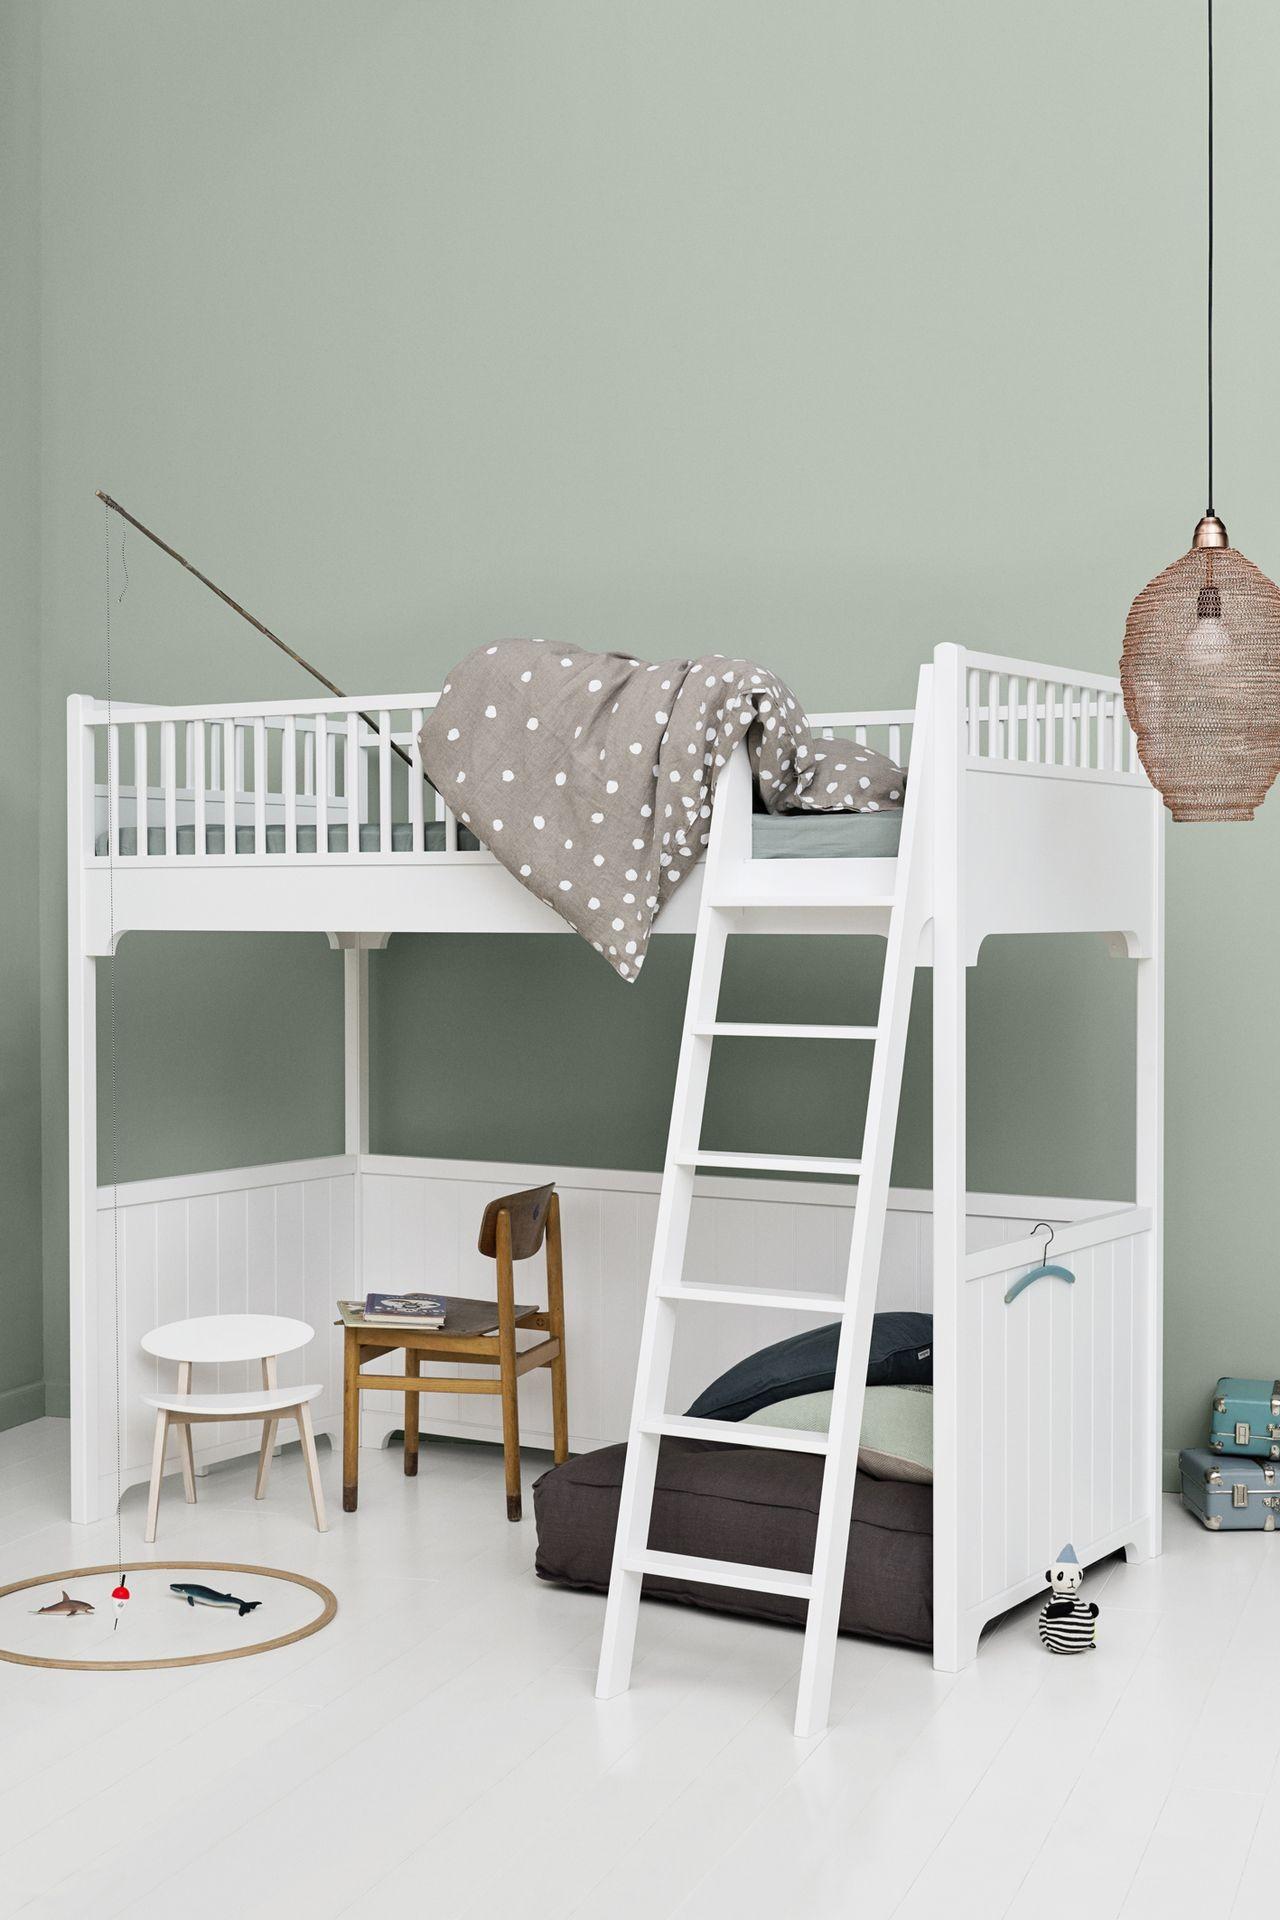 Oliver Furniture Seaside Hochbett kaufen - Kleine Fabriek